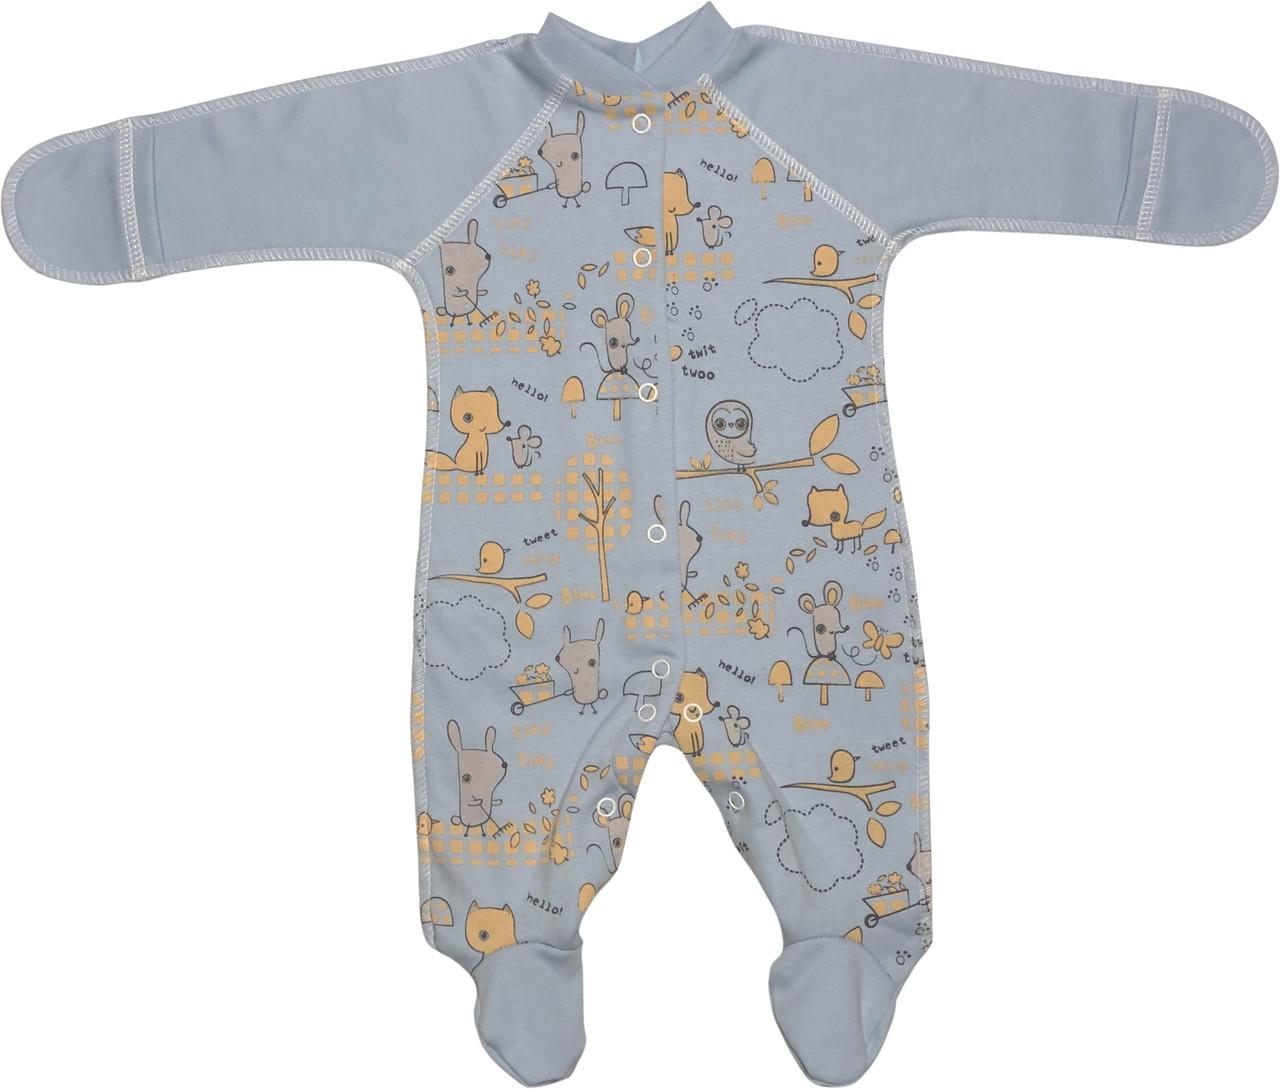 Чоловічок на хлопчика ріст 56 0-2 міс для новонароджених сліп з закритими ручками царапками трикотаж блакитний